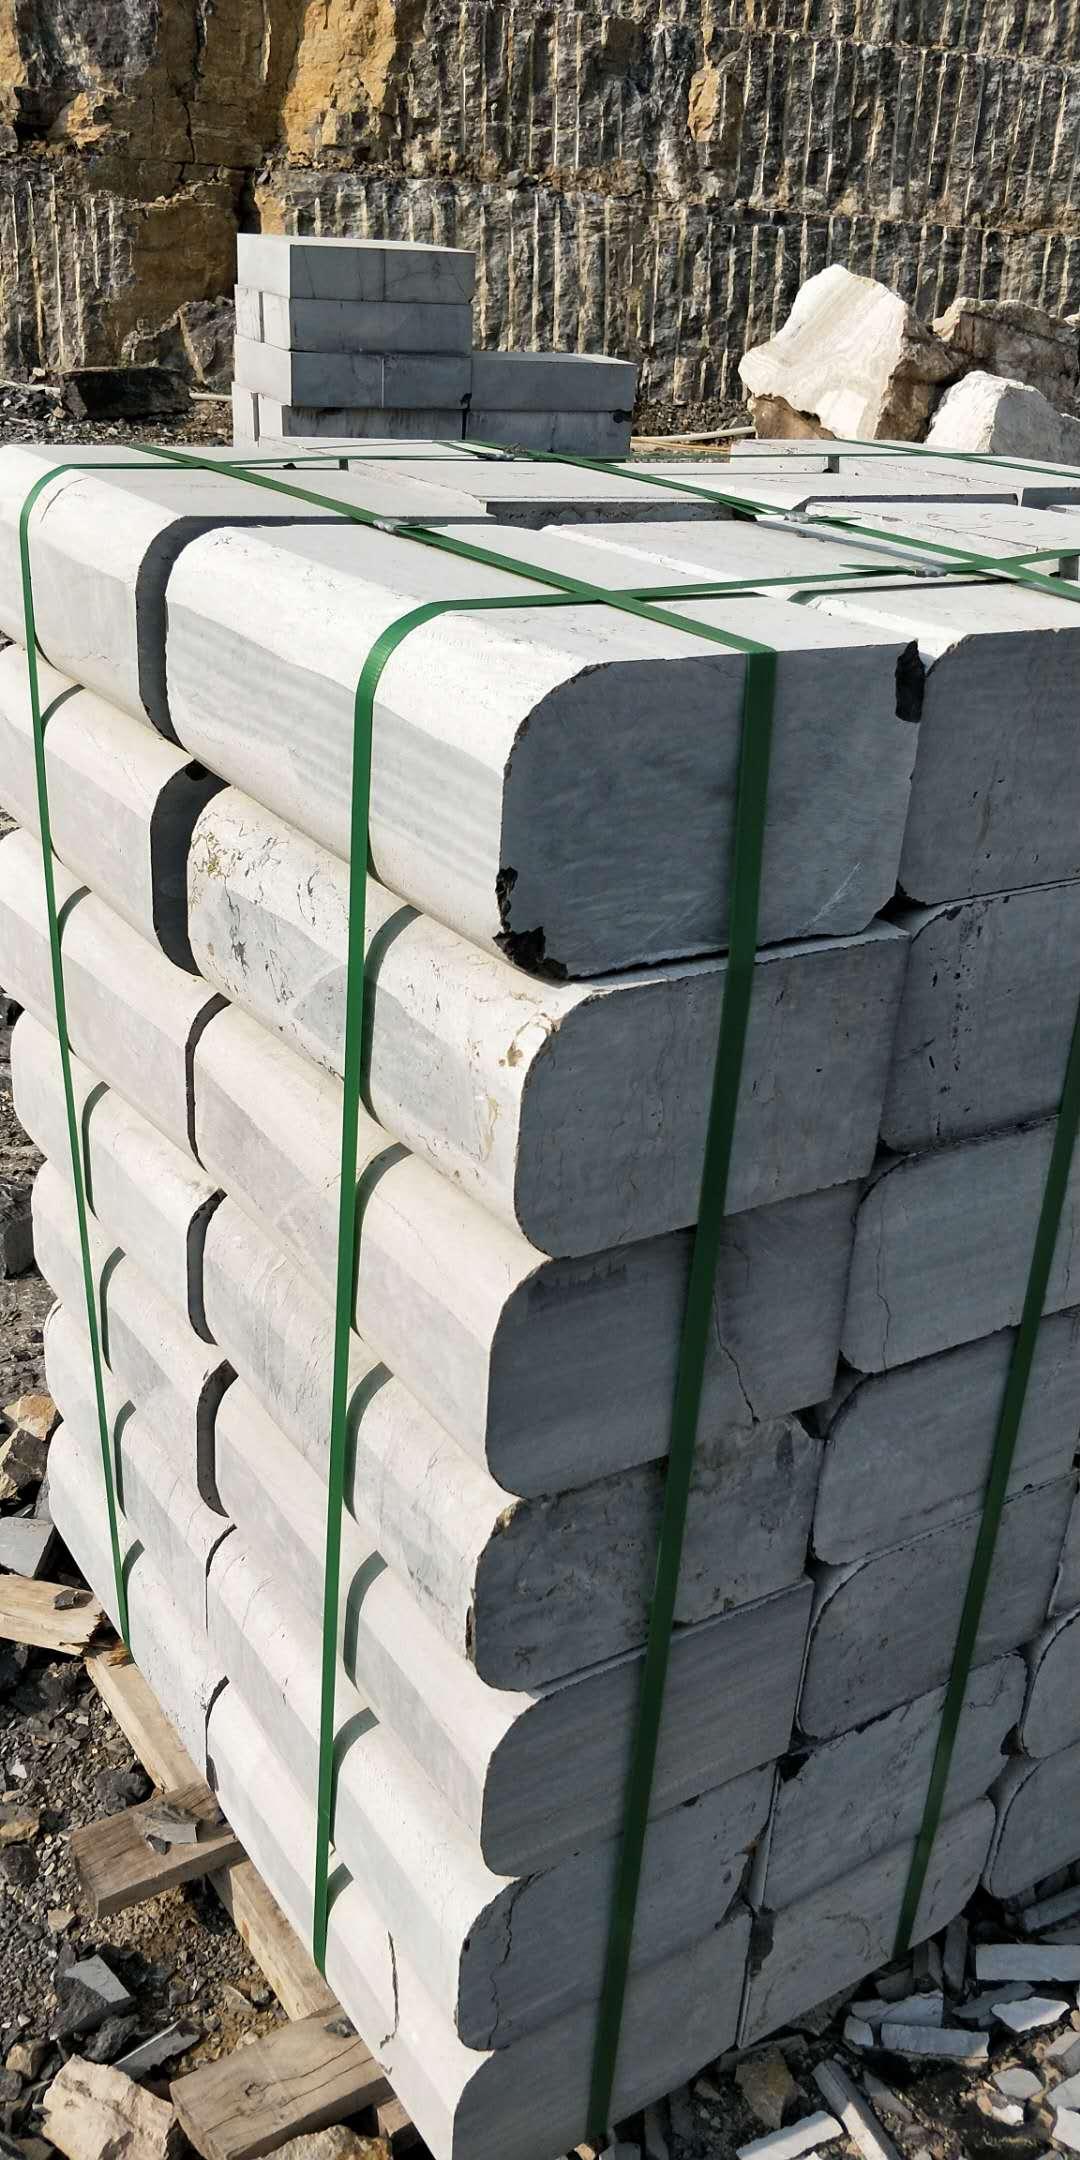 安顺天然面青石板 贵州天然面青石板 天然面青石板厂家